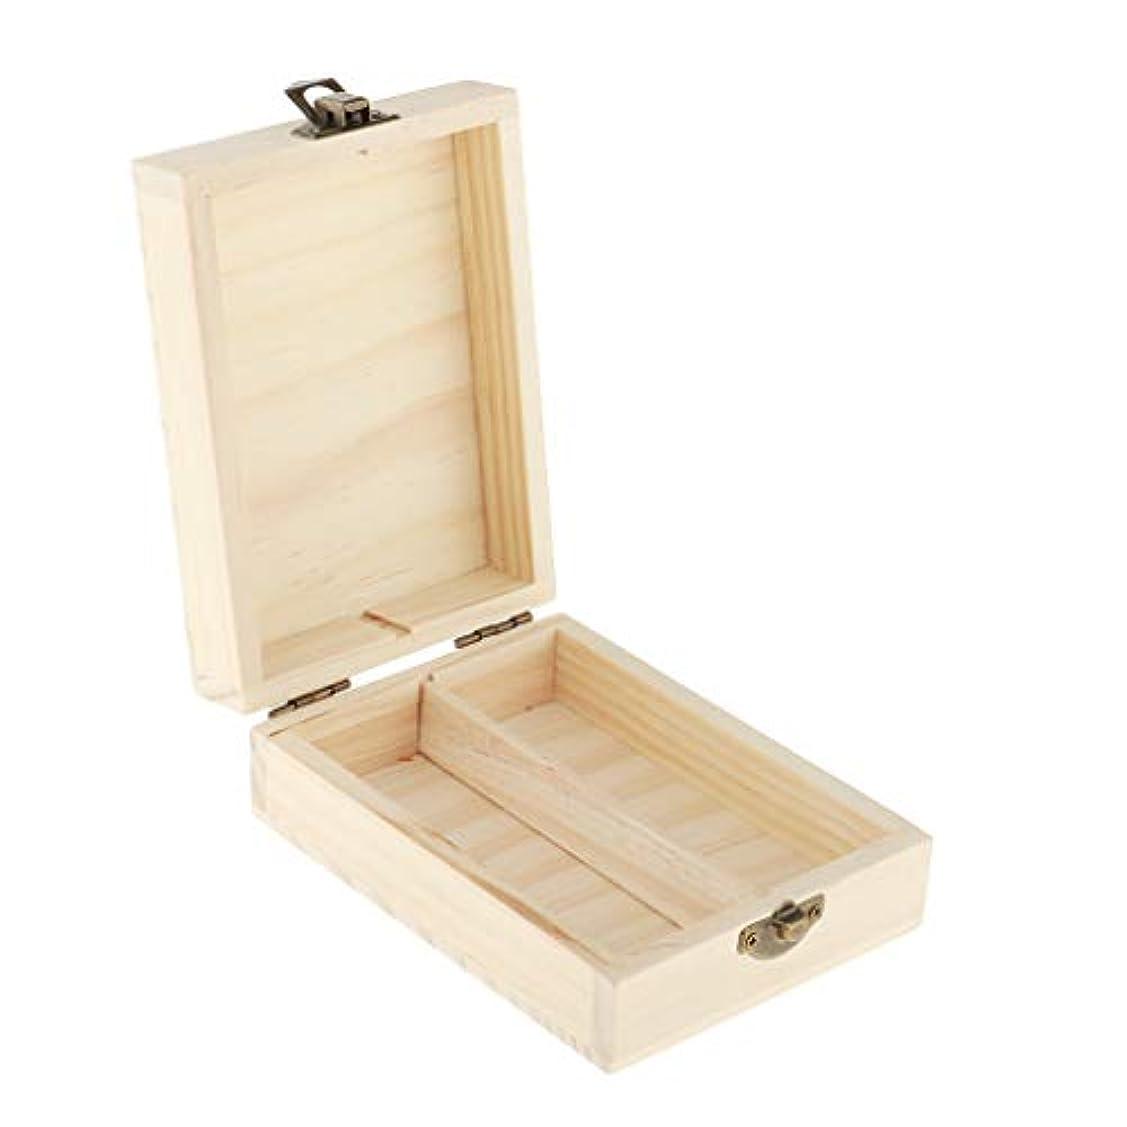 捕虜エッセンス映画精油 収納バッグ エッセンシャルオイル収納ケース 収納袋 木製 キャリングケース 50mlボトル用 携帯用